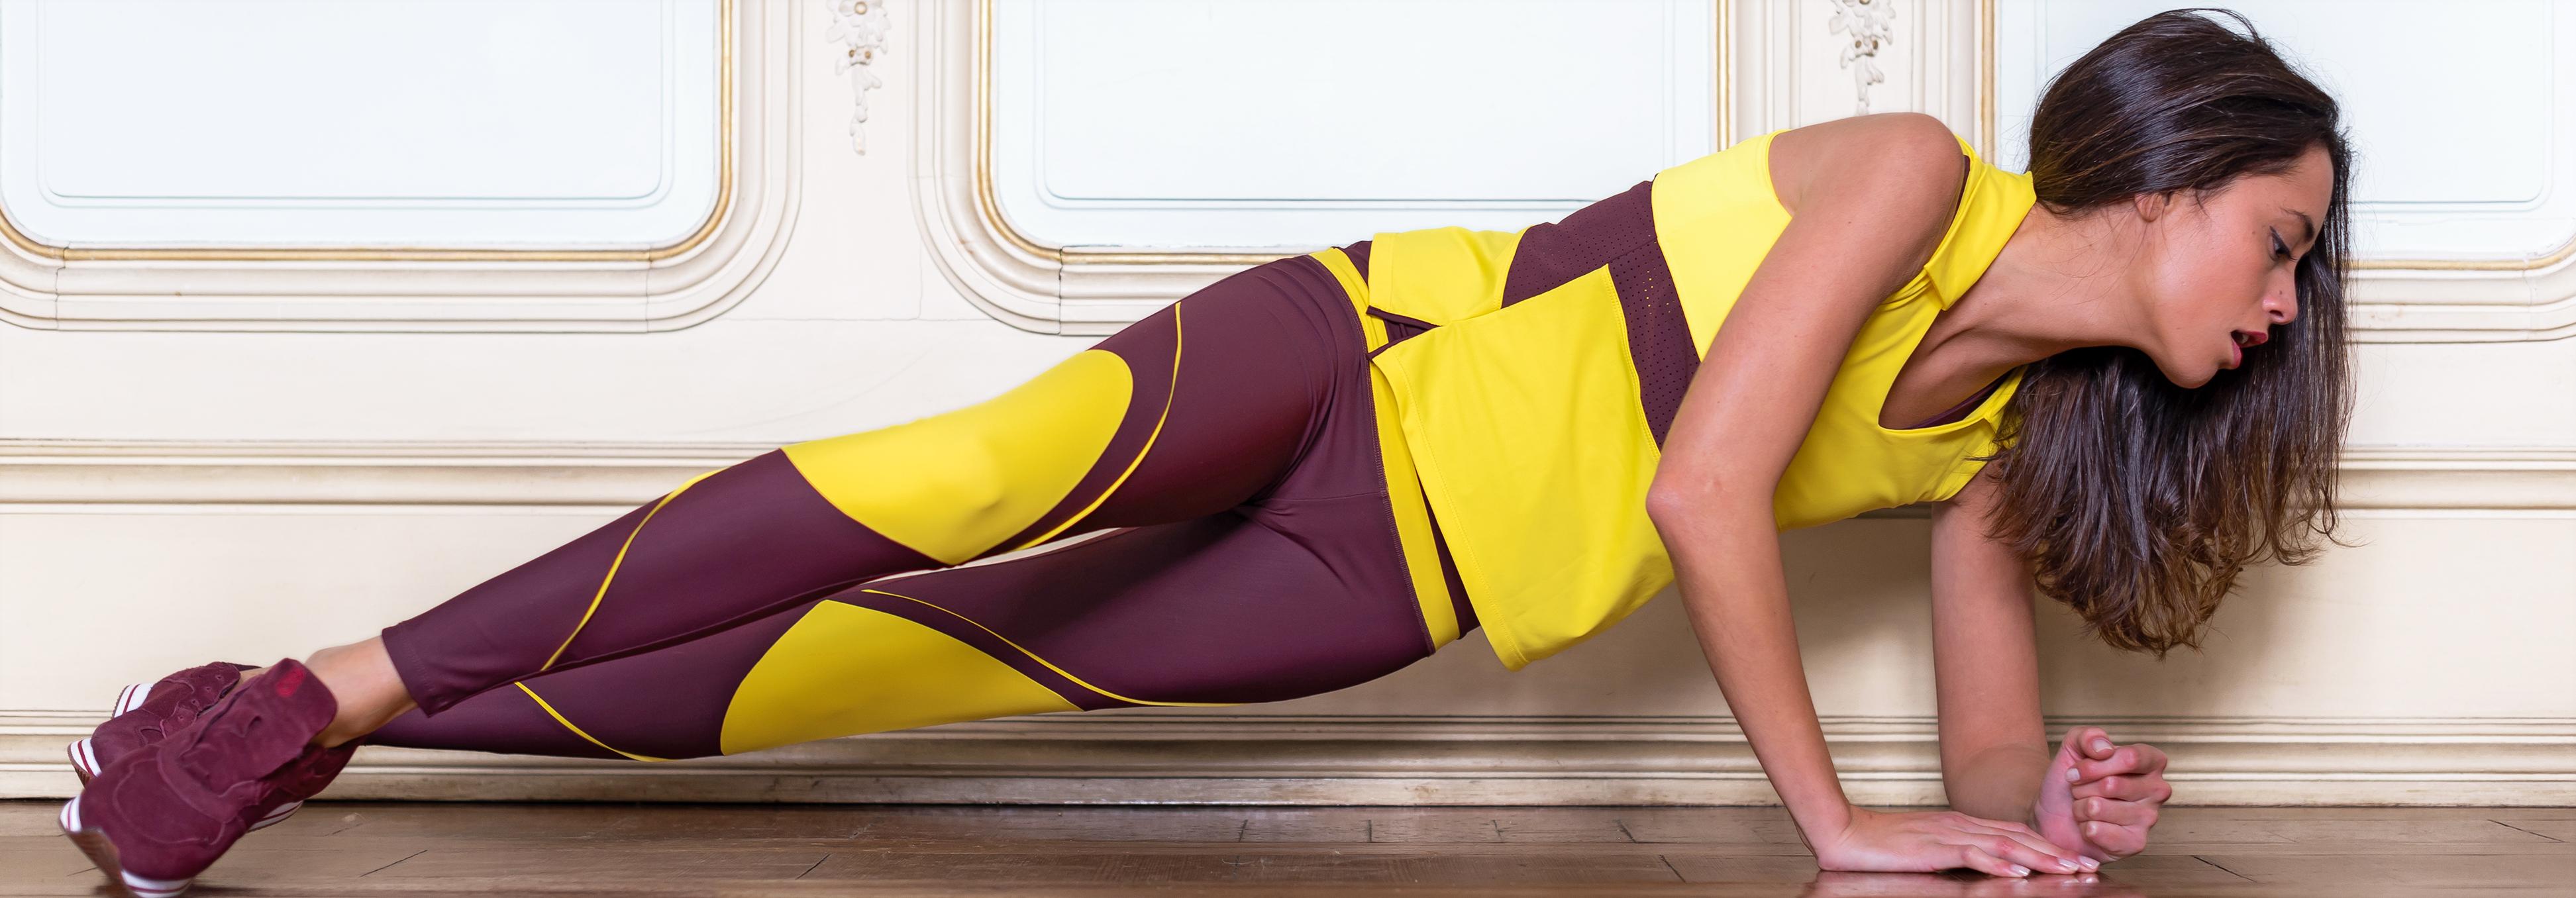 c899e8bfe Ropa deportiva de mujer que fusiona diseño y tejidos técnicos